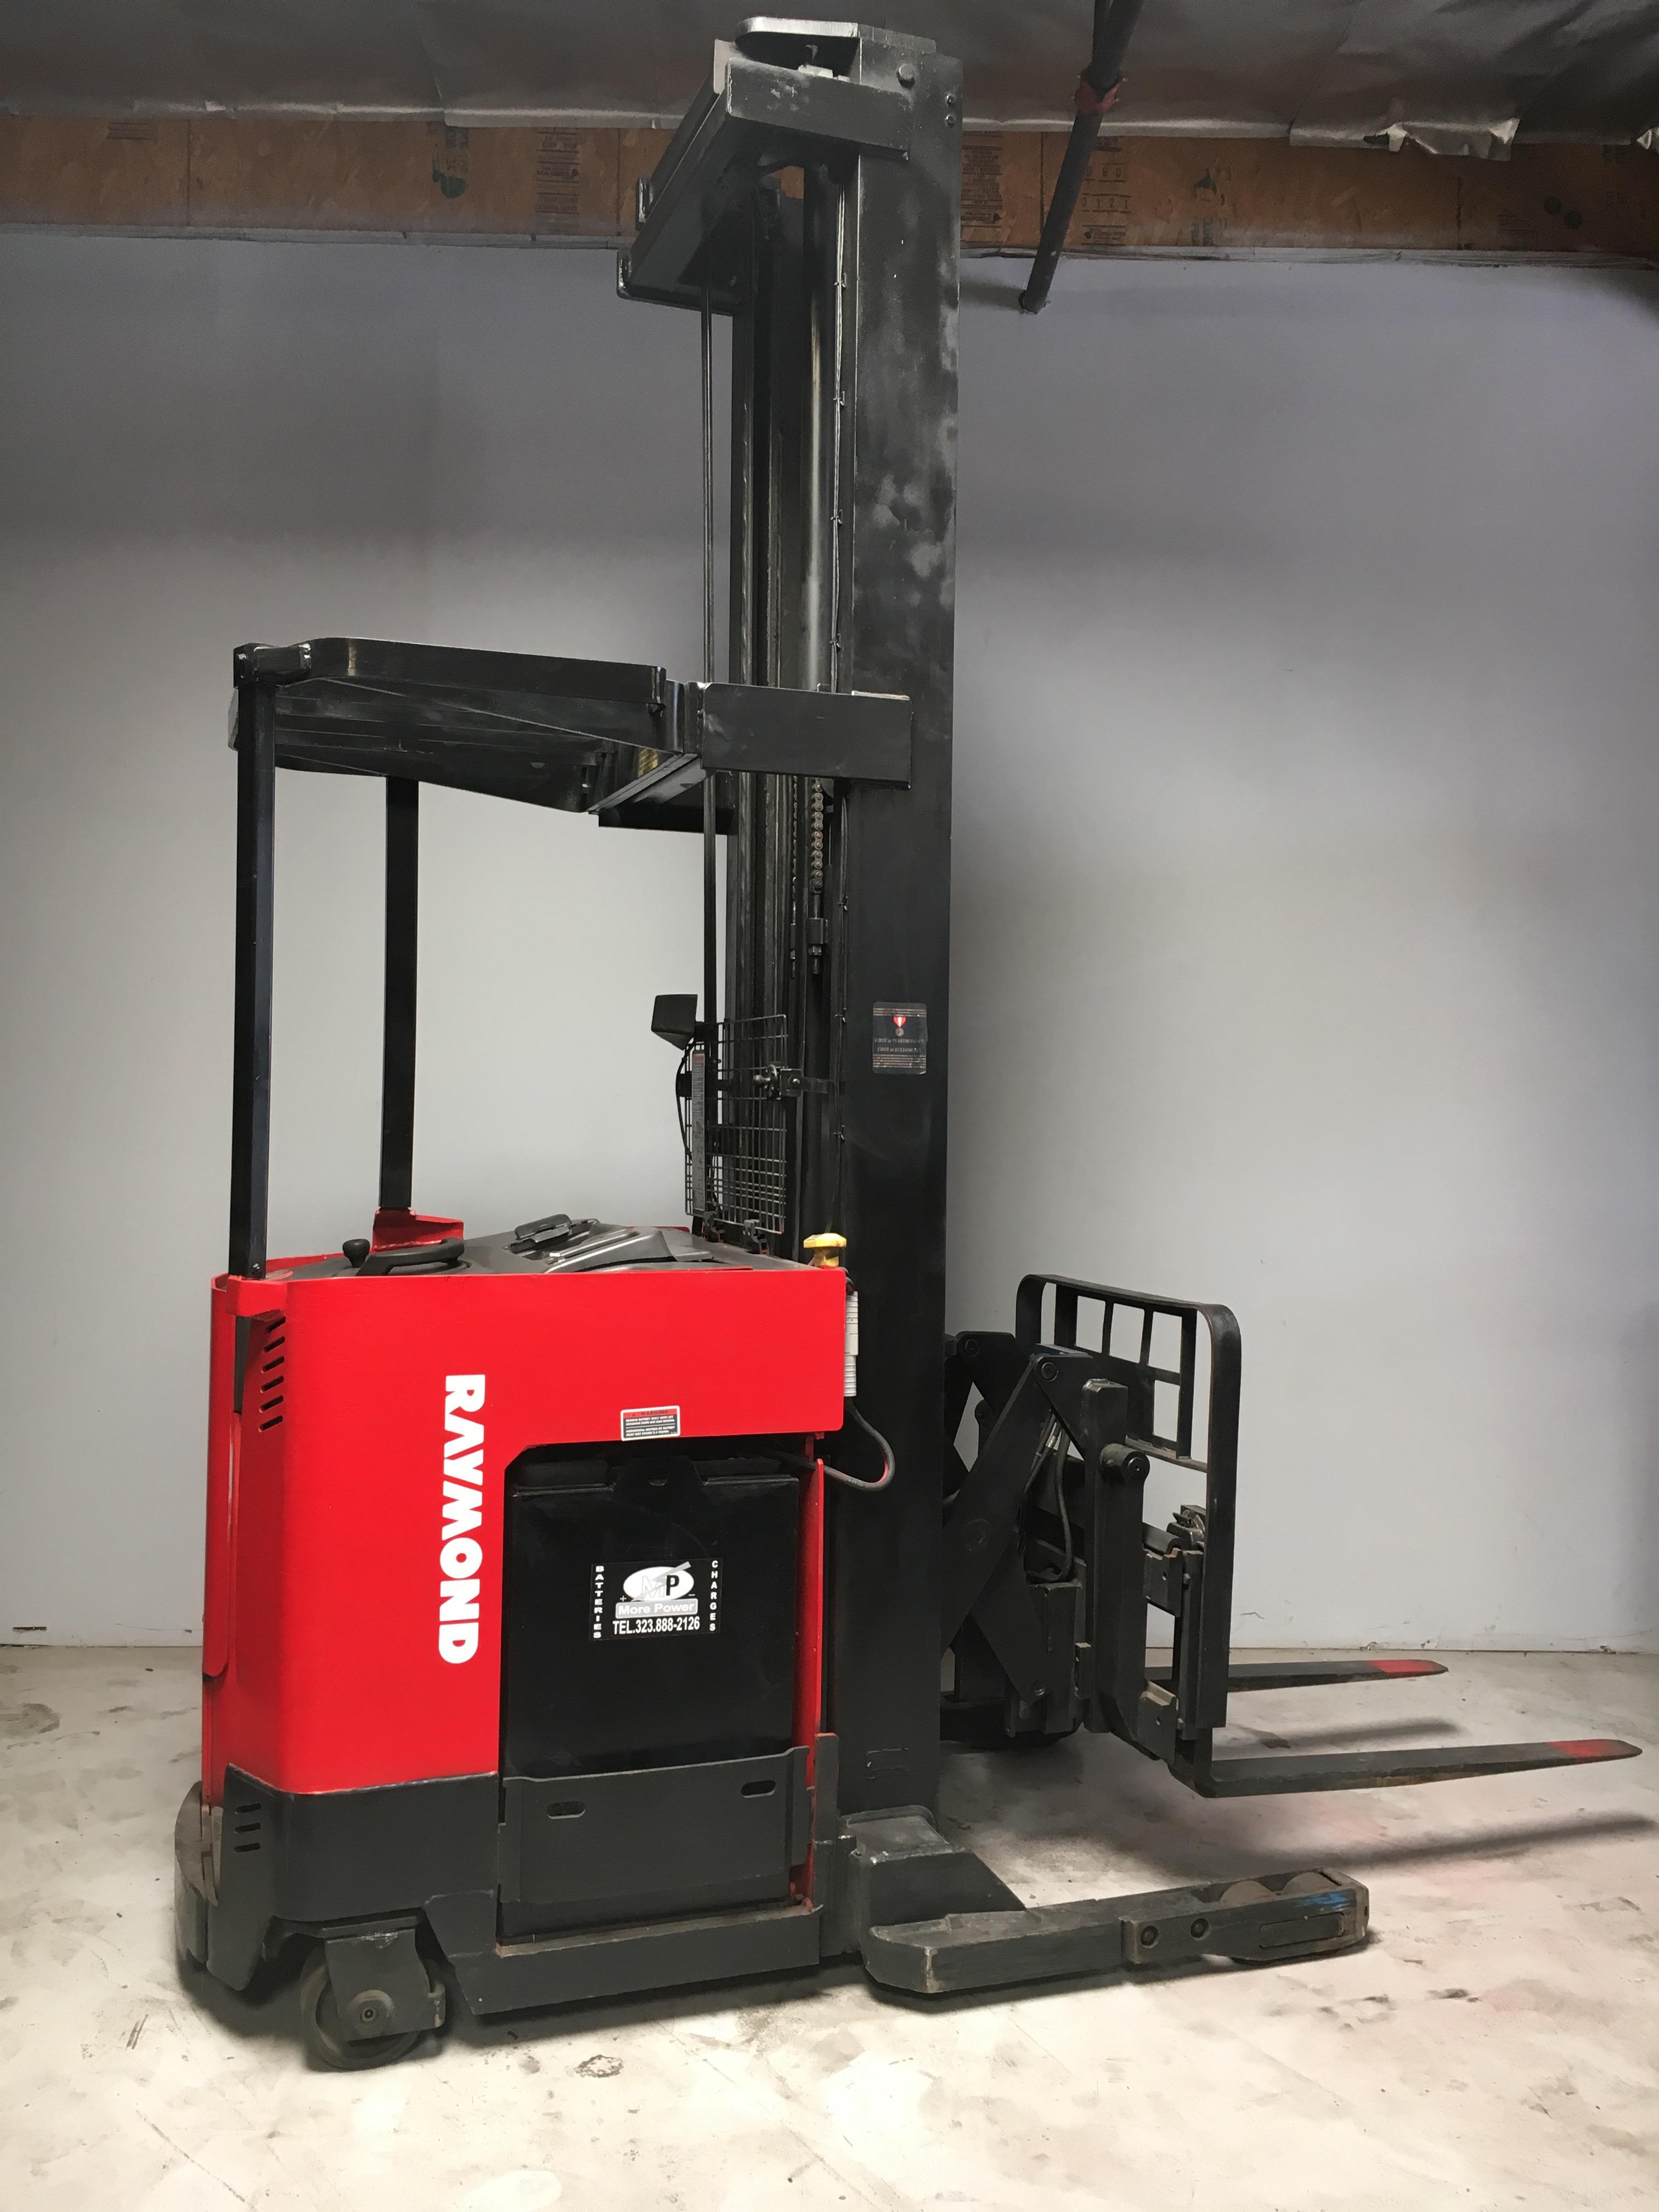 Ces 20291 Raymond Easi R40tt Reach Forklift 315